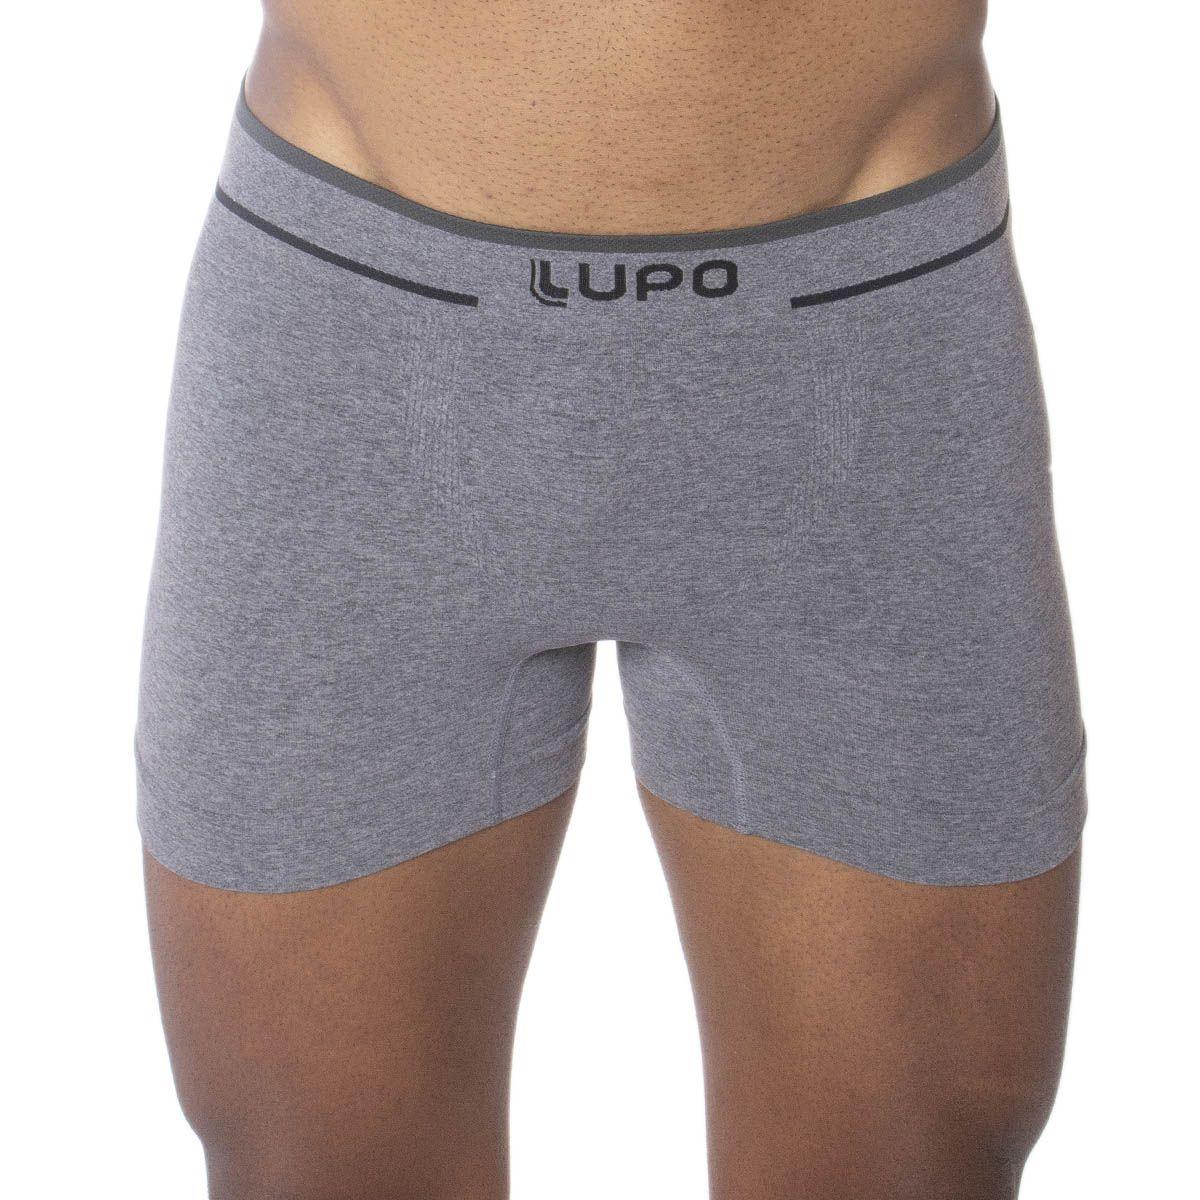 Cueca boxer masculina sem costura Lupo